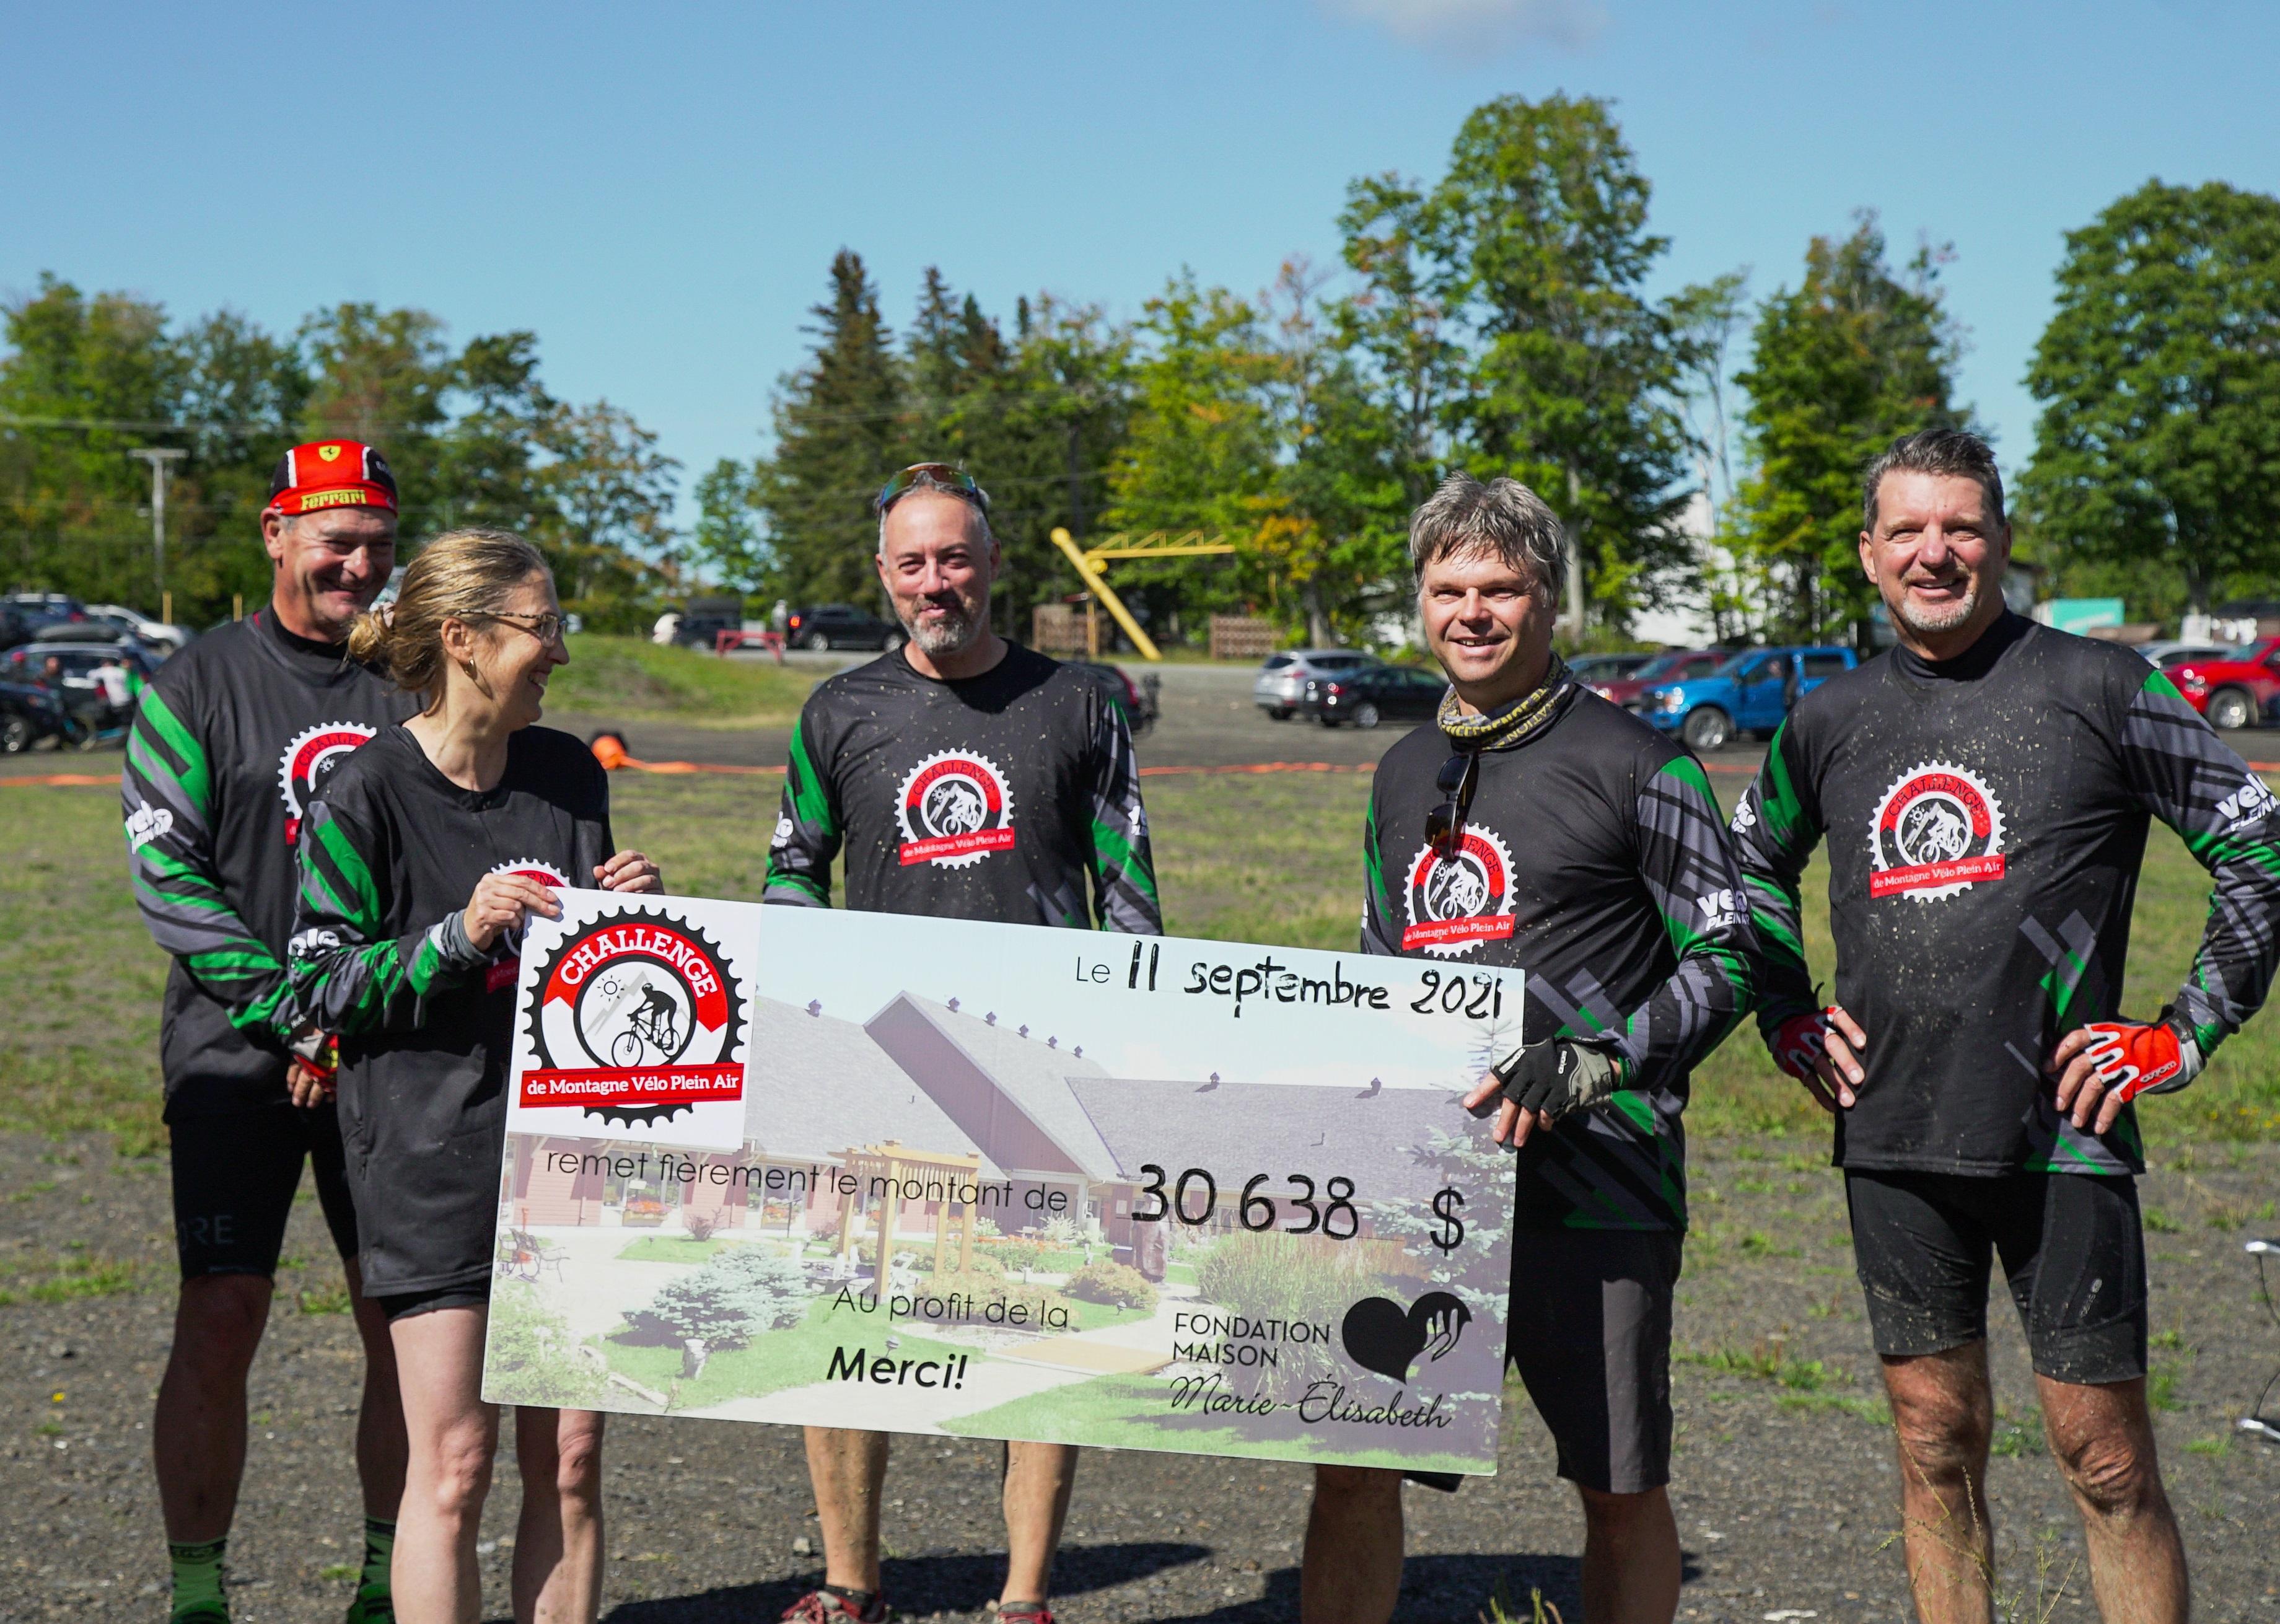 Les 50 cyclistes du Challenge de montagne Vélo Plein Air ont permis de récolter 31000 $ pour la Maison Marie-Élisabeth.